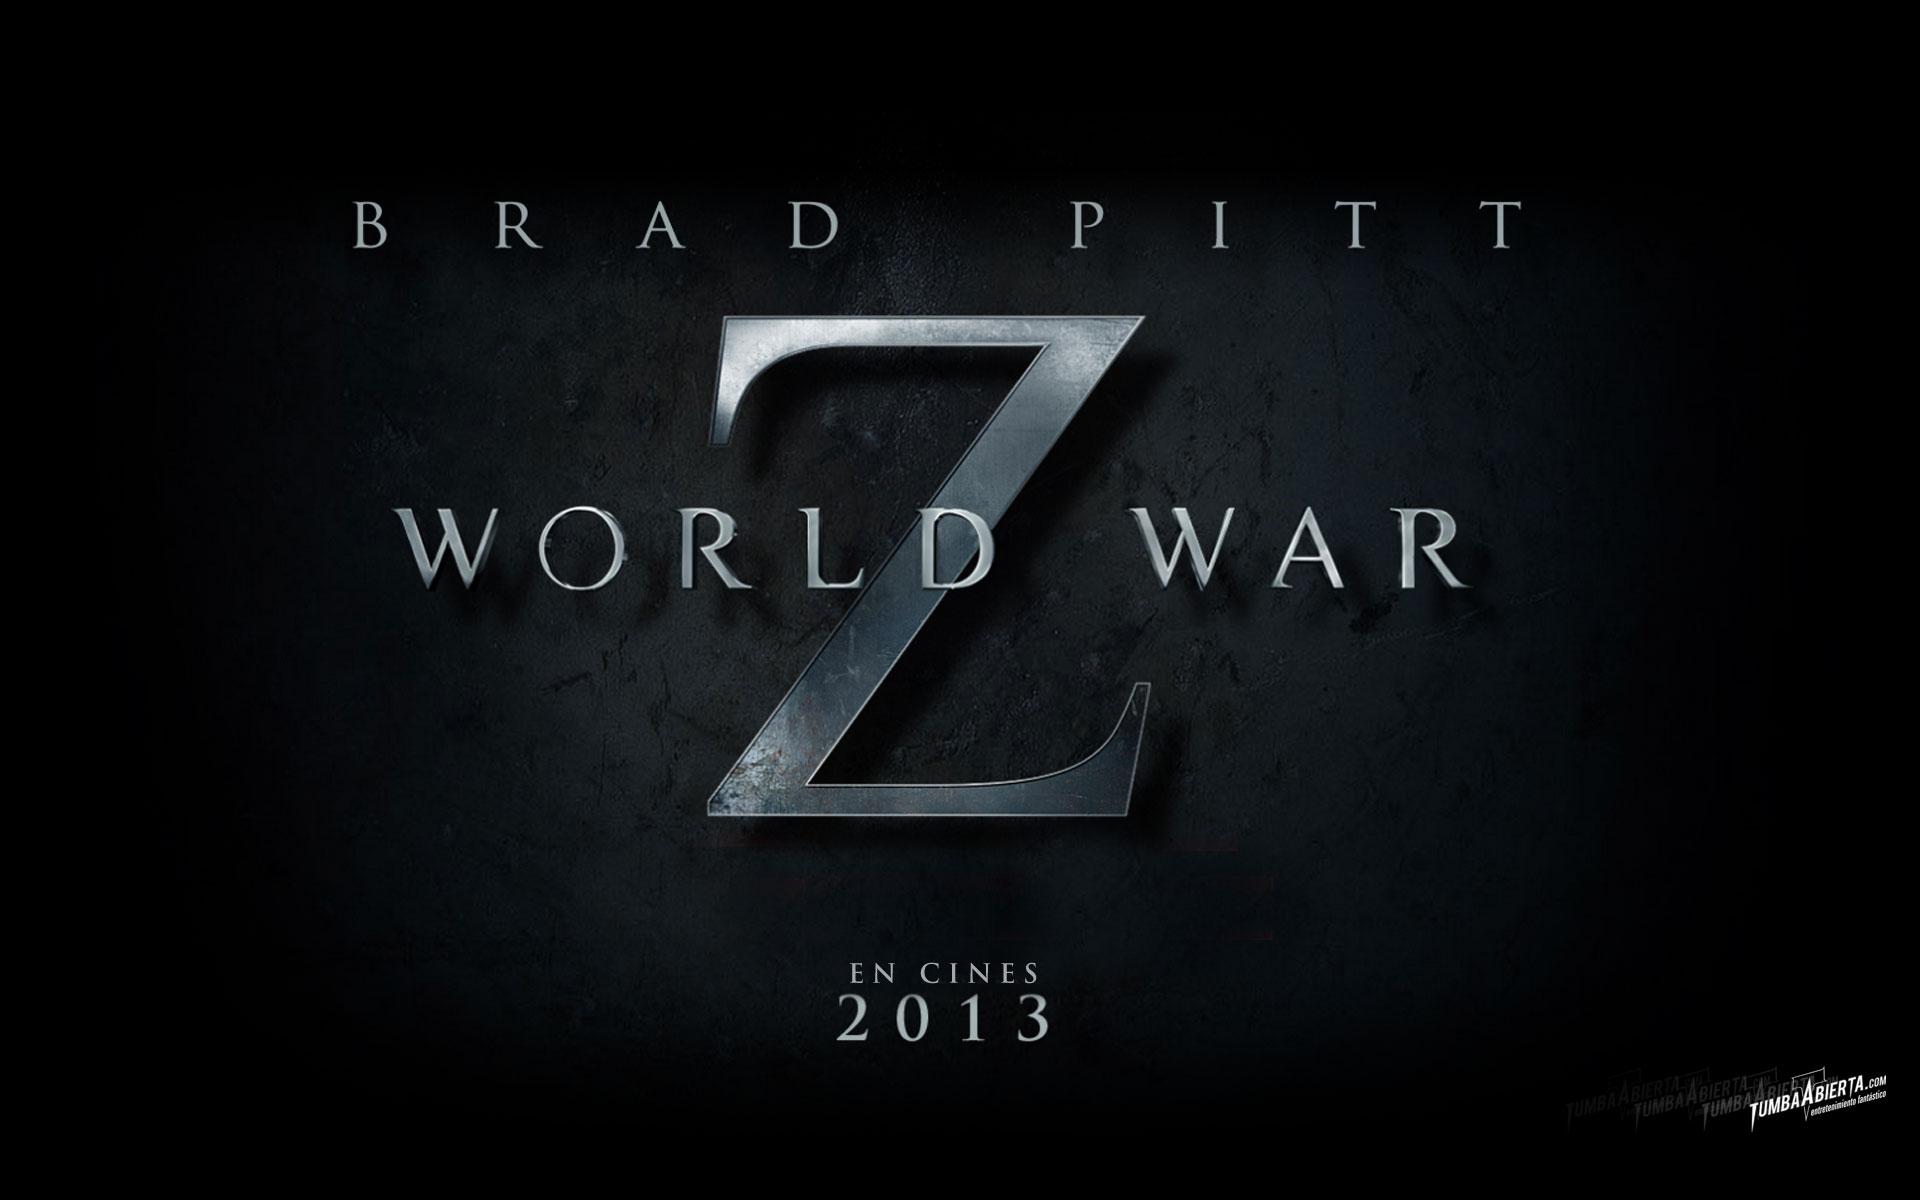 Wallpaper World War Z HD. Guerra mundial Z con Brad Pitt